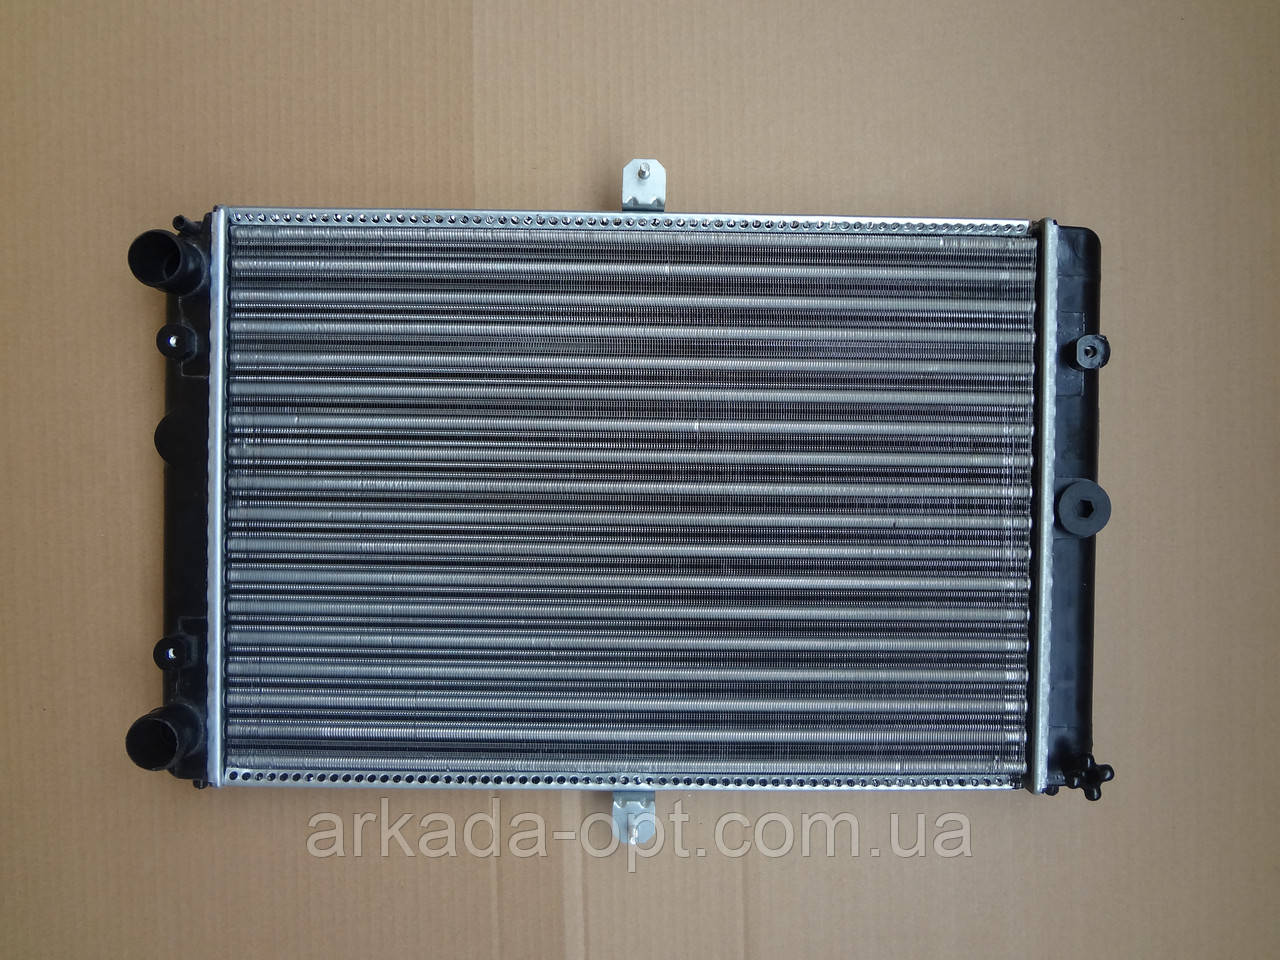 Радиатор охлаждения ВАЗ 2108 2109 21099 2113 2114 2115 ДК